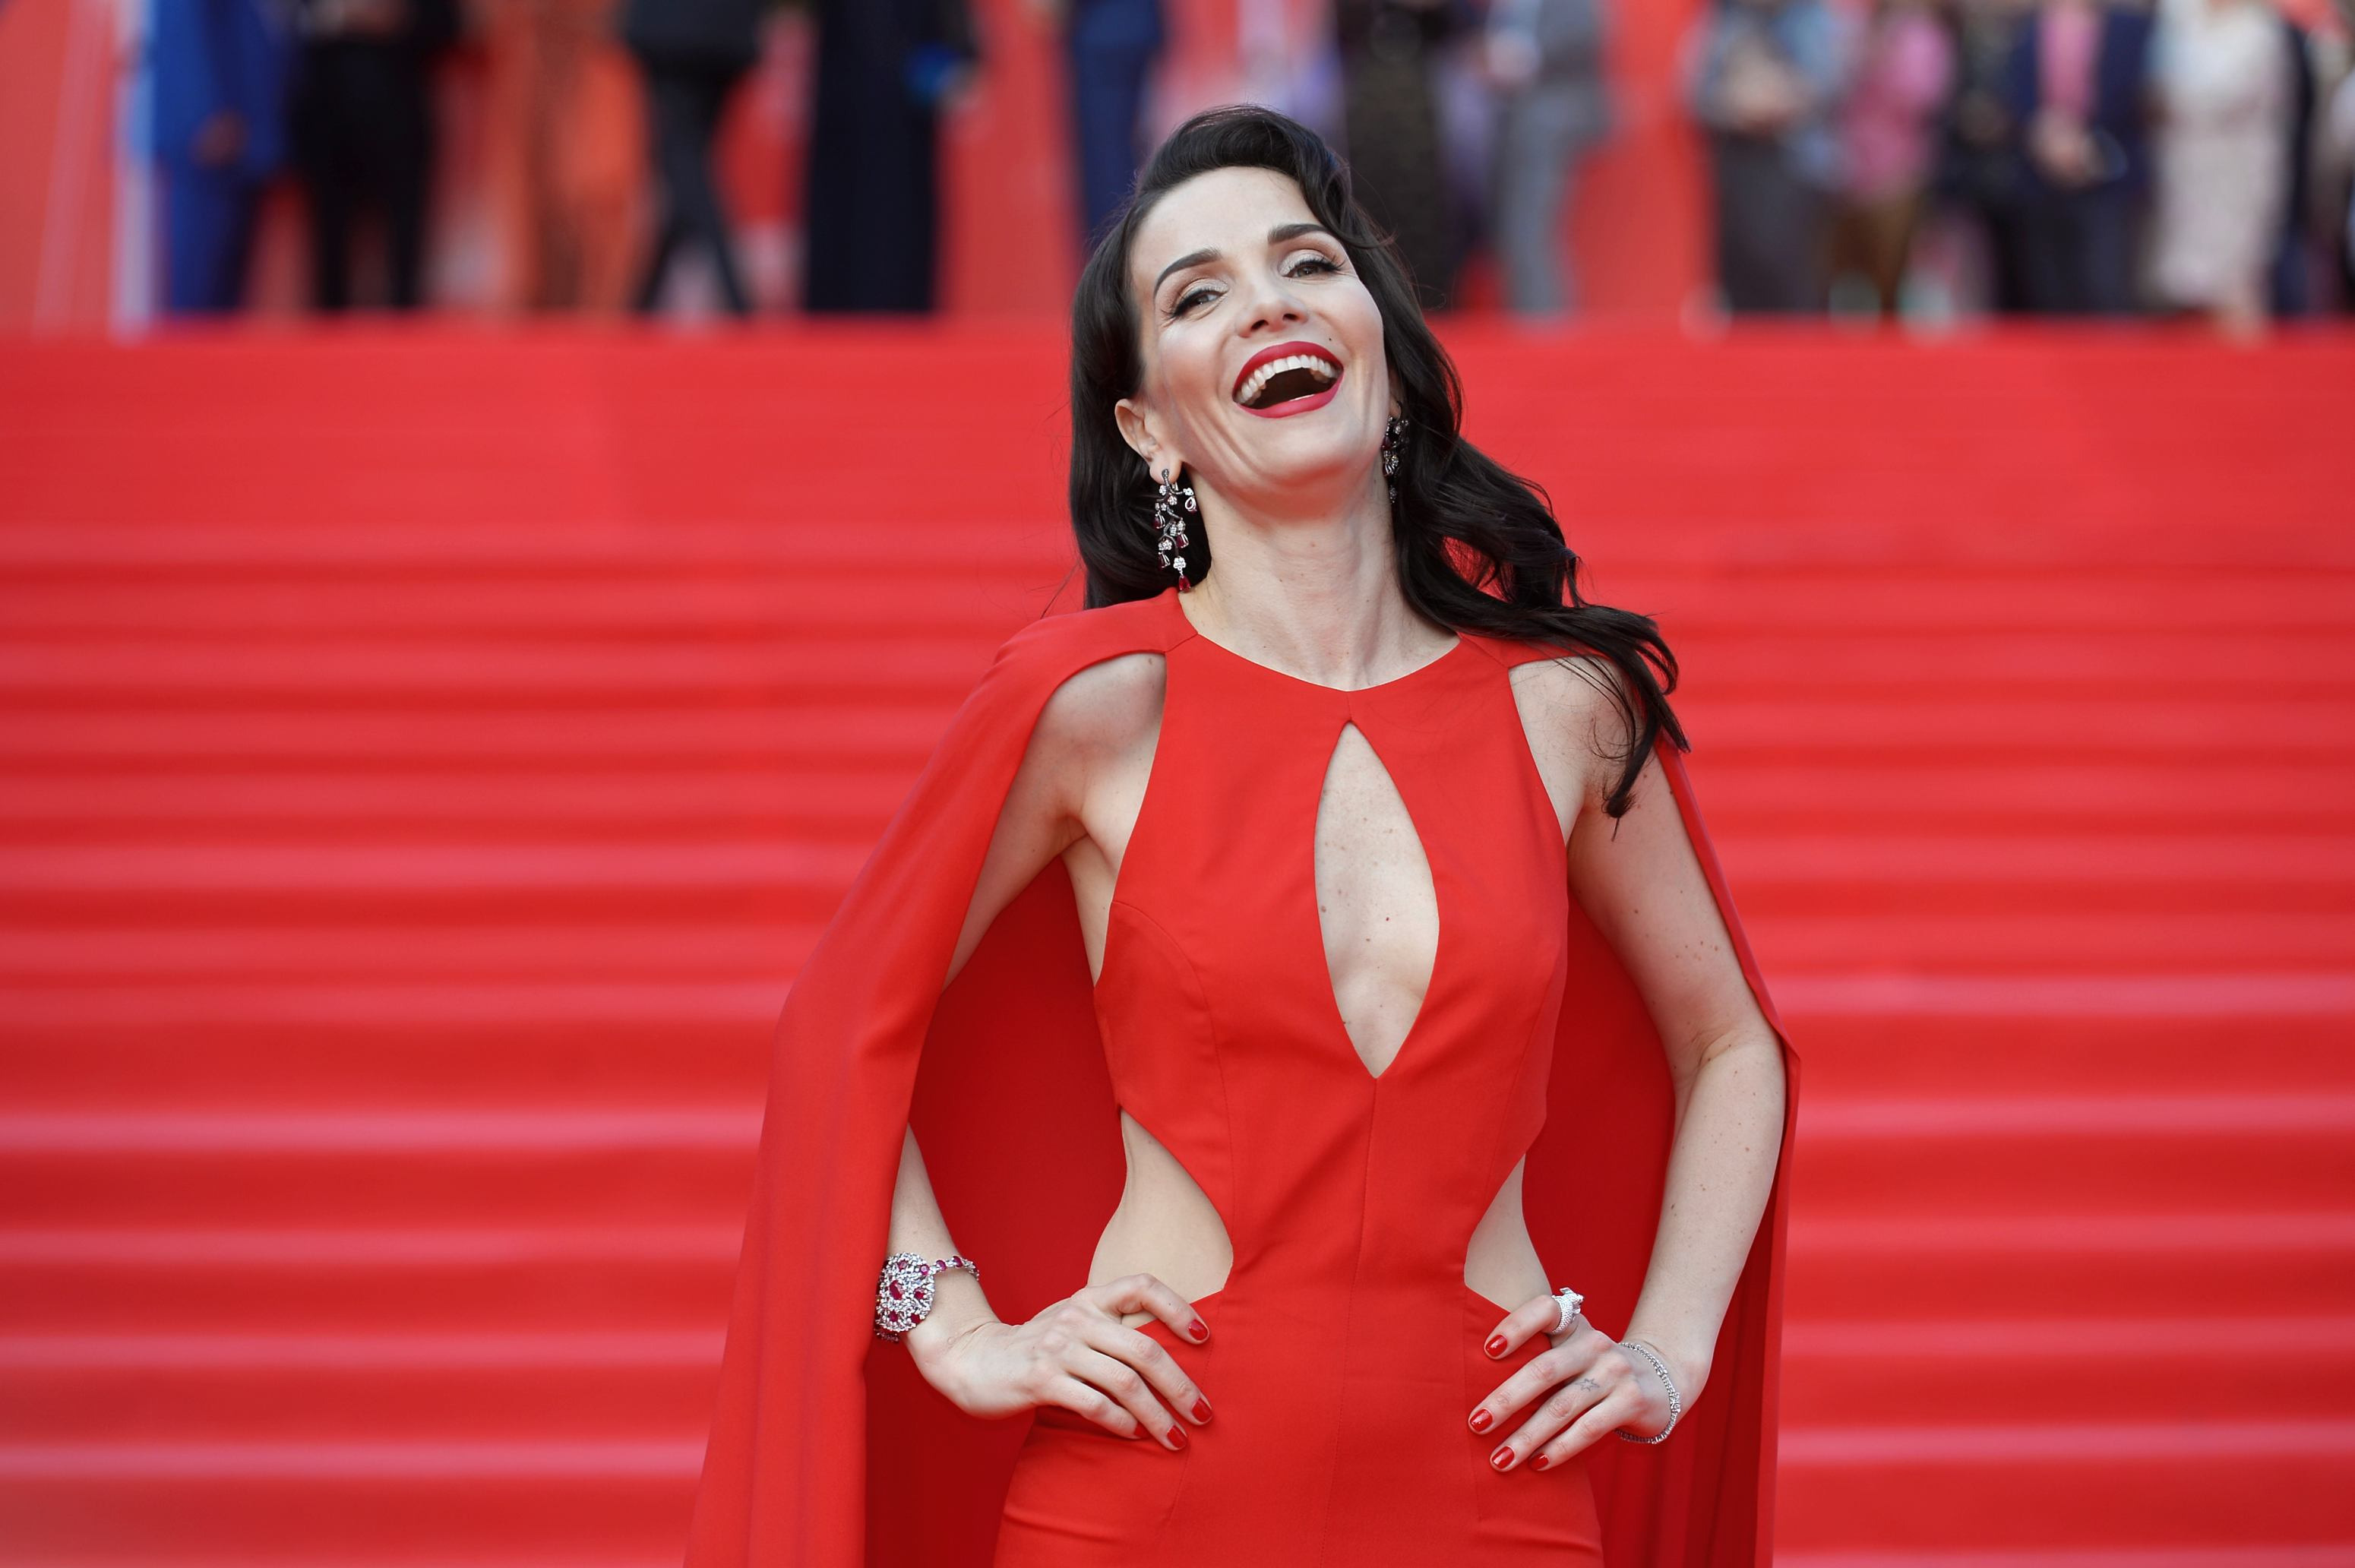 Anii Nu Au Iertat O Nici Pe Ea Cum Arată Celebra Natalia Oreiro